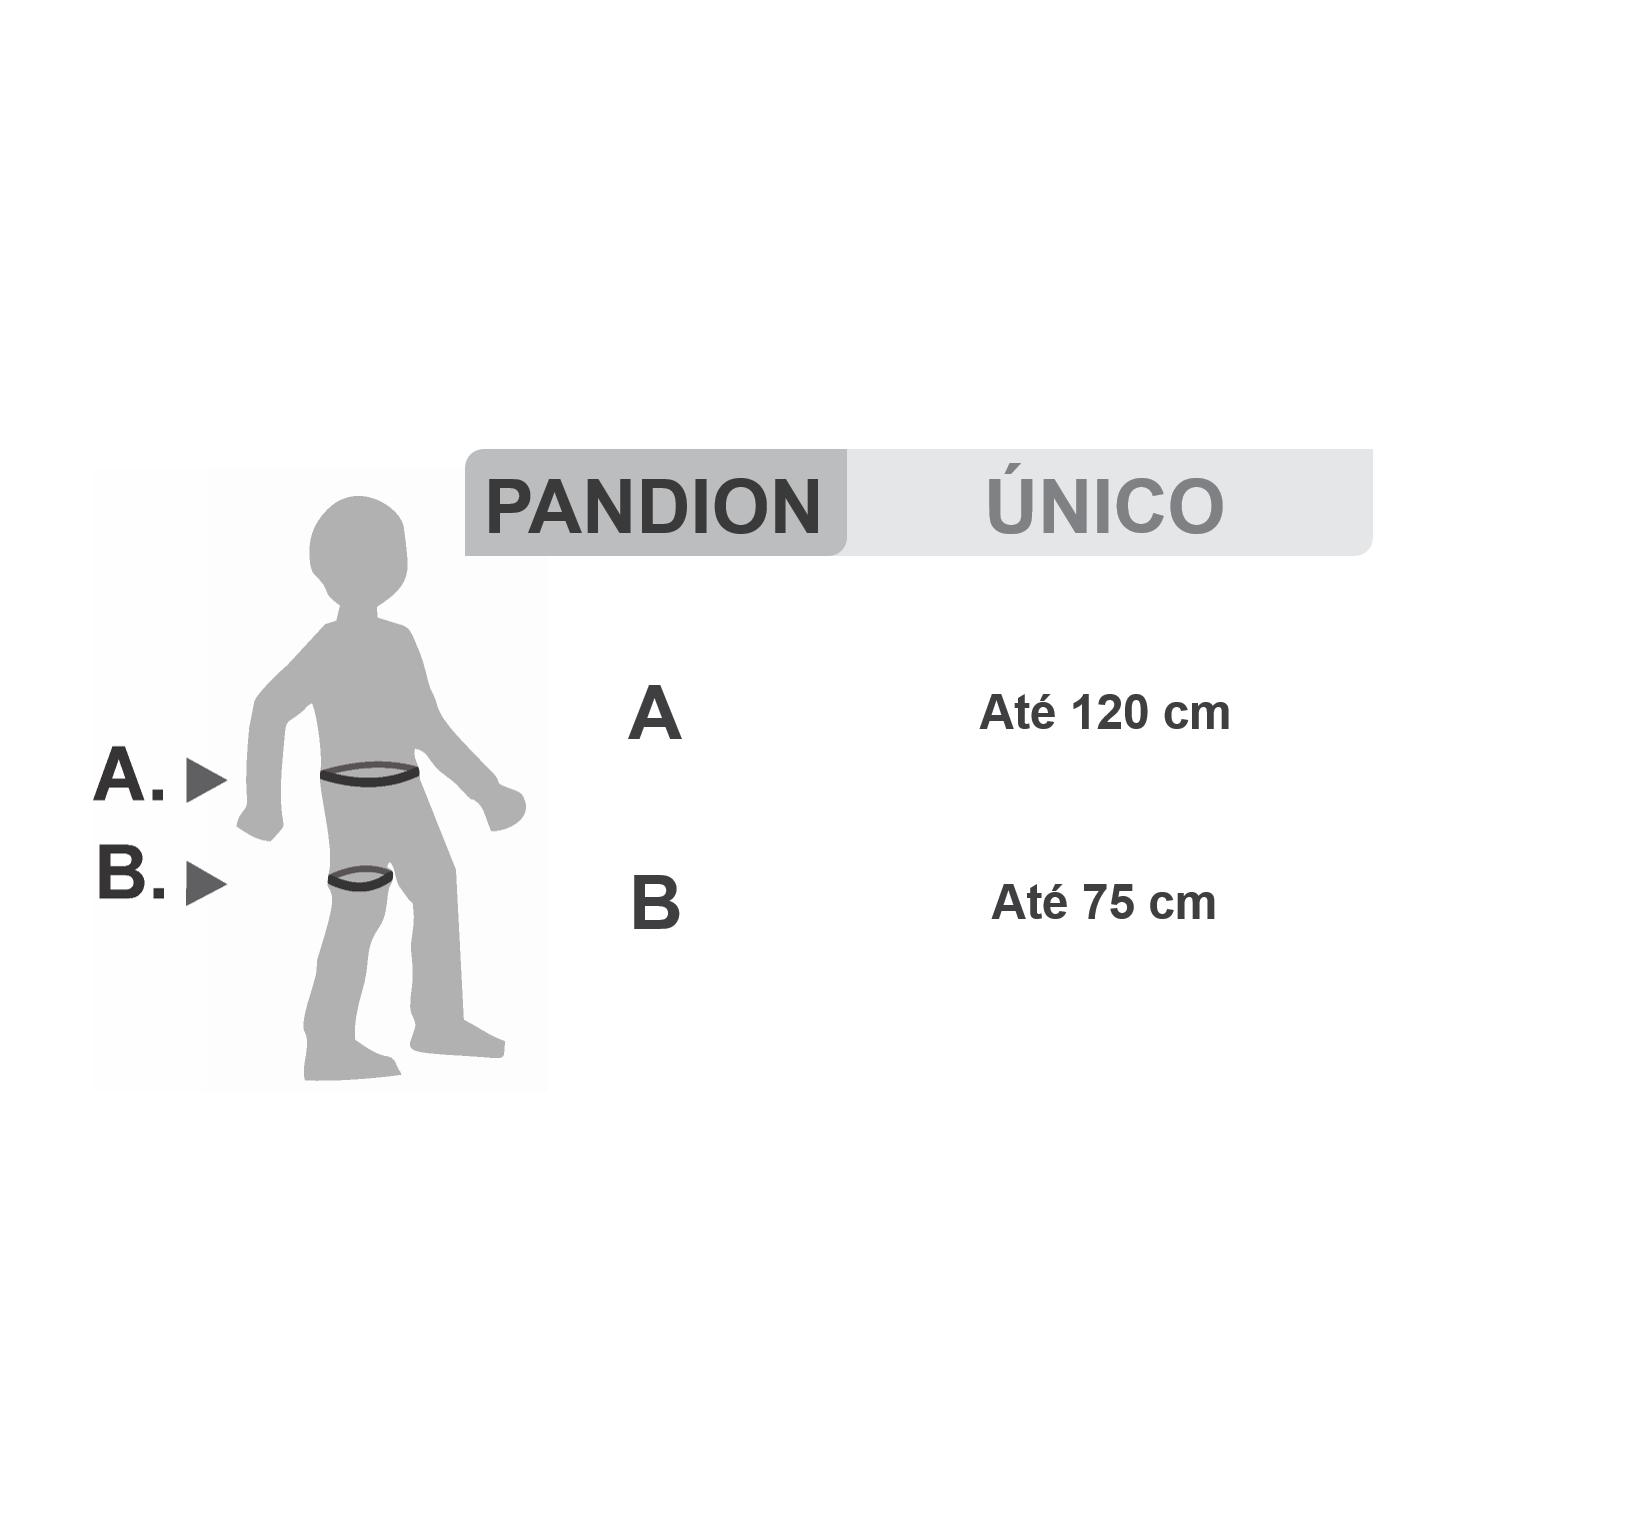 Pandion - Cadeirinha leve para escalada Tamanho Único Petzl